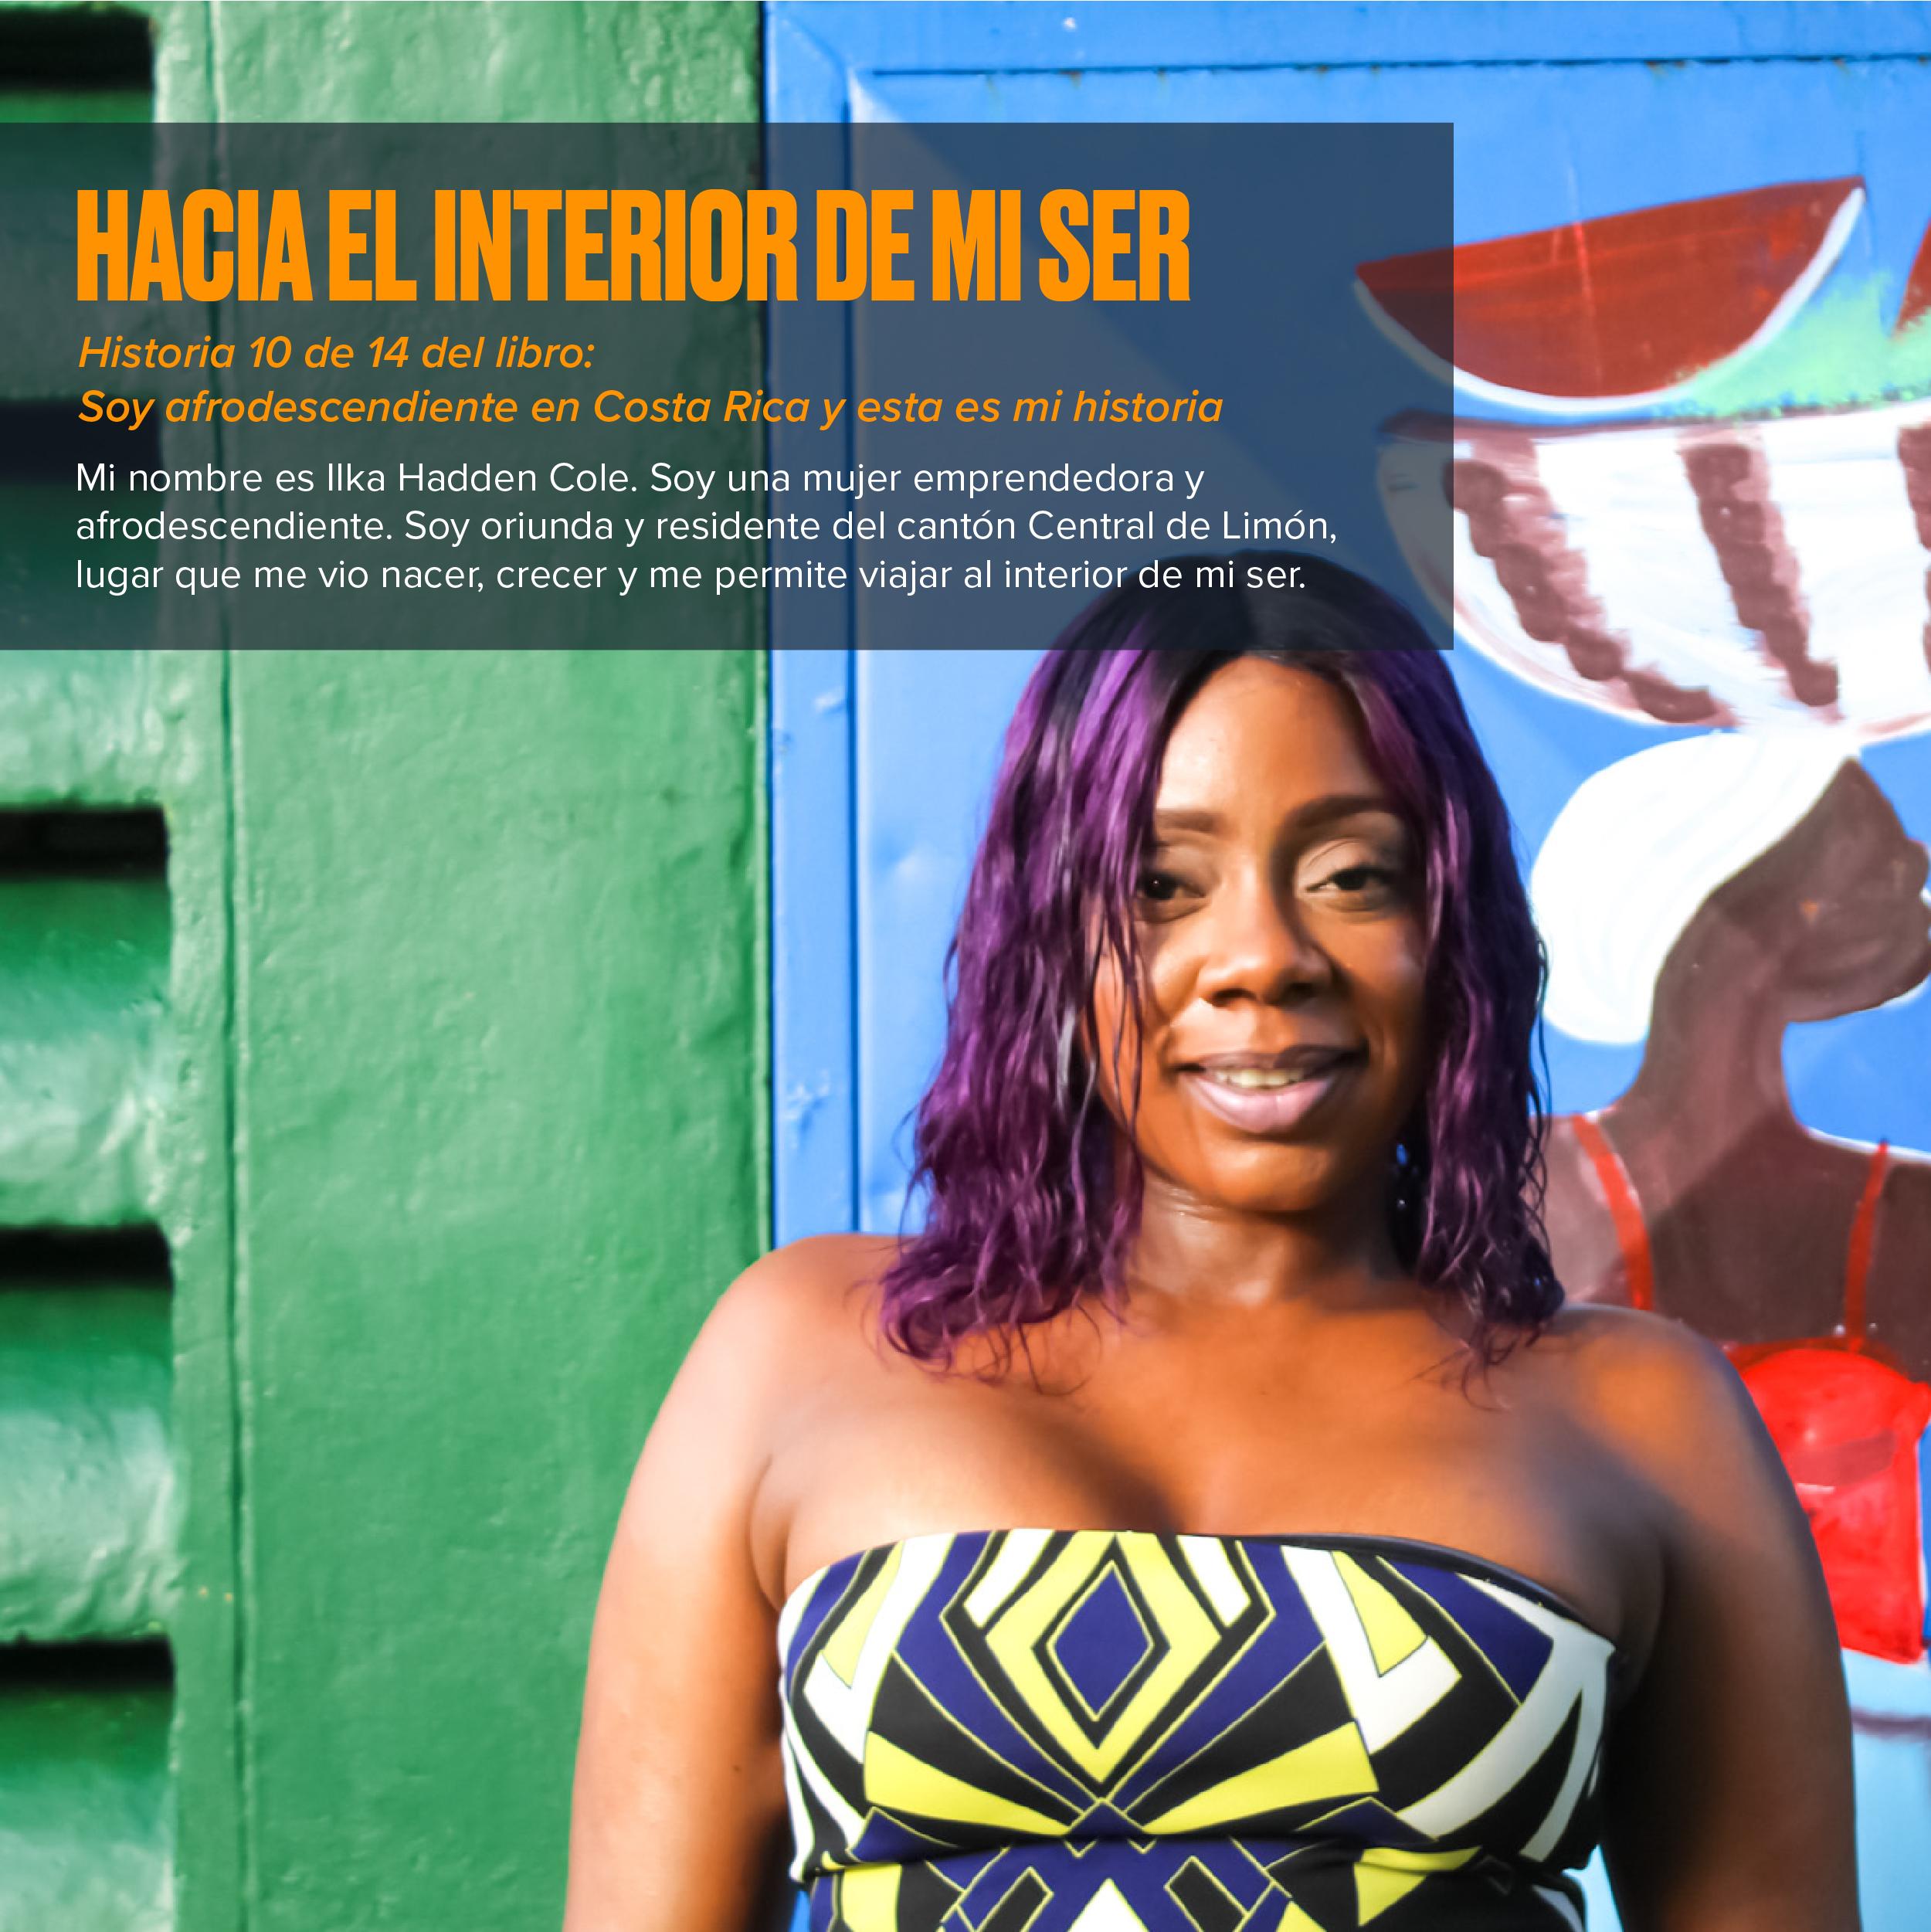 Hacia el interior de mi ser: Historias afrodescendientes